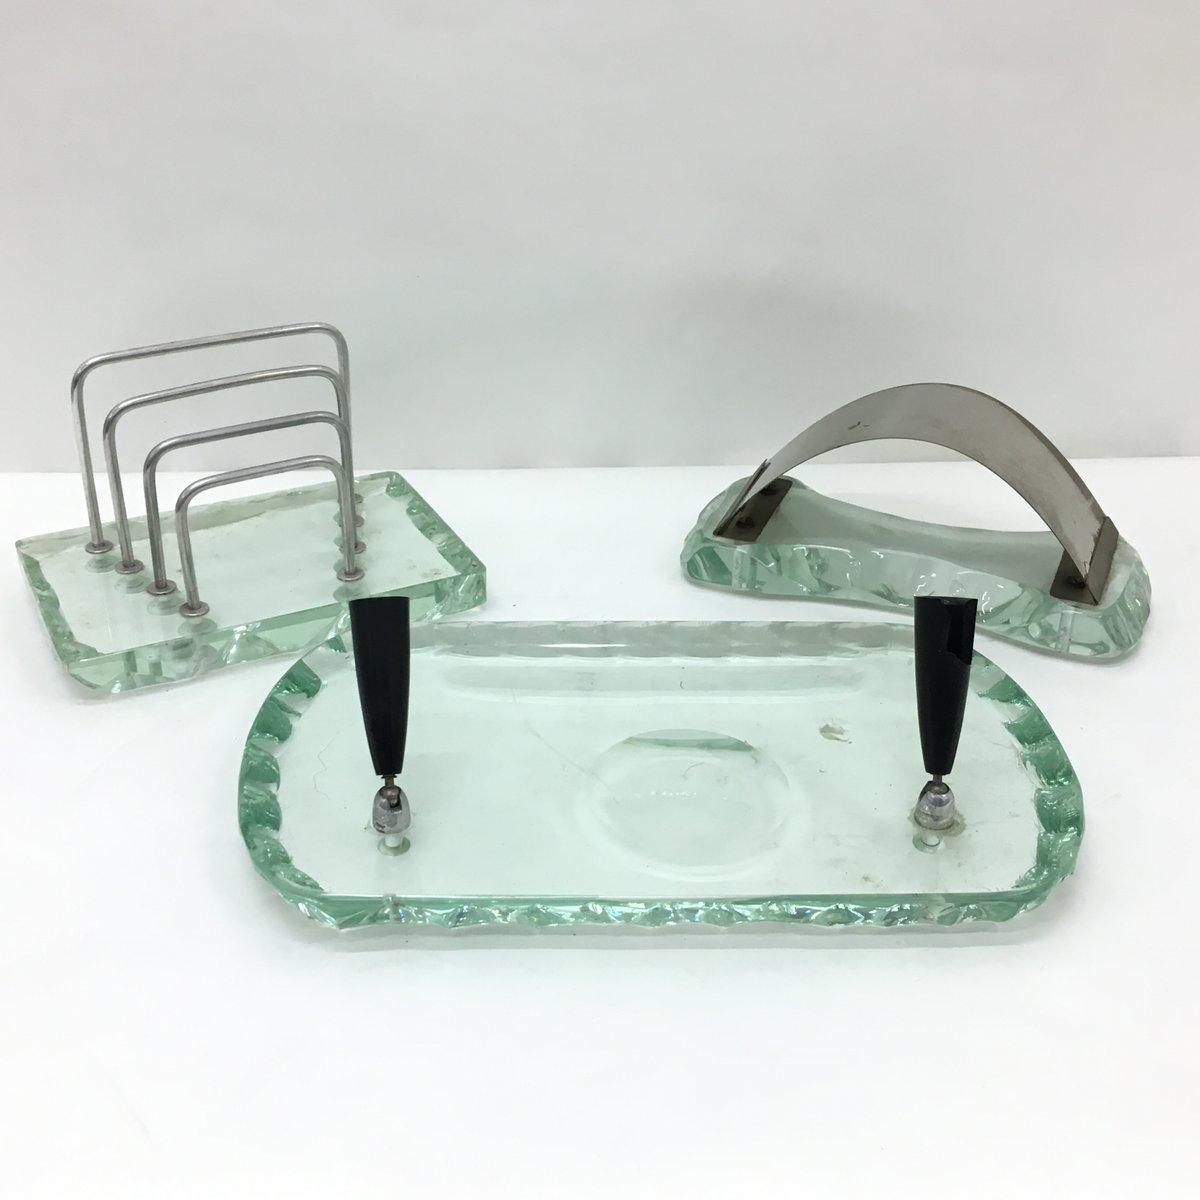 italienisches mid century schreibtisch accessoire set von pietro chiesa f r fontana arte 1950er. Black Bedroom Furniture Sets. Home Design Ideas